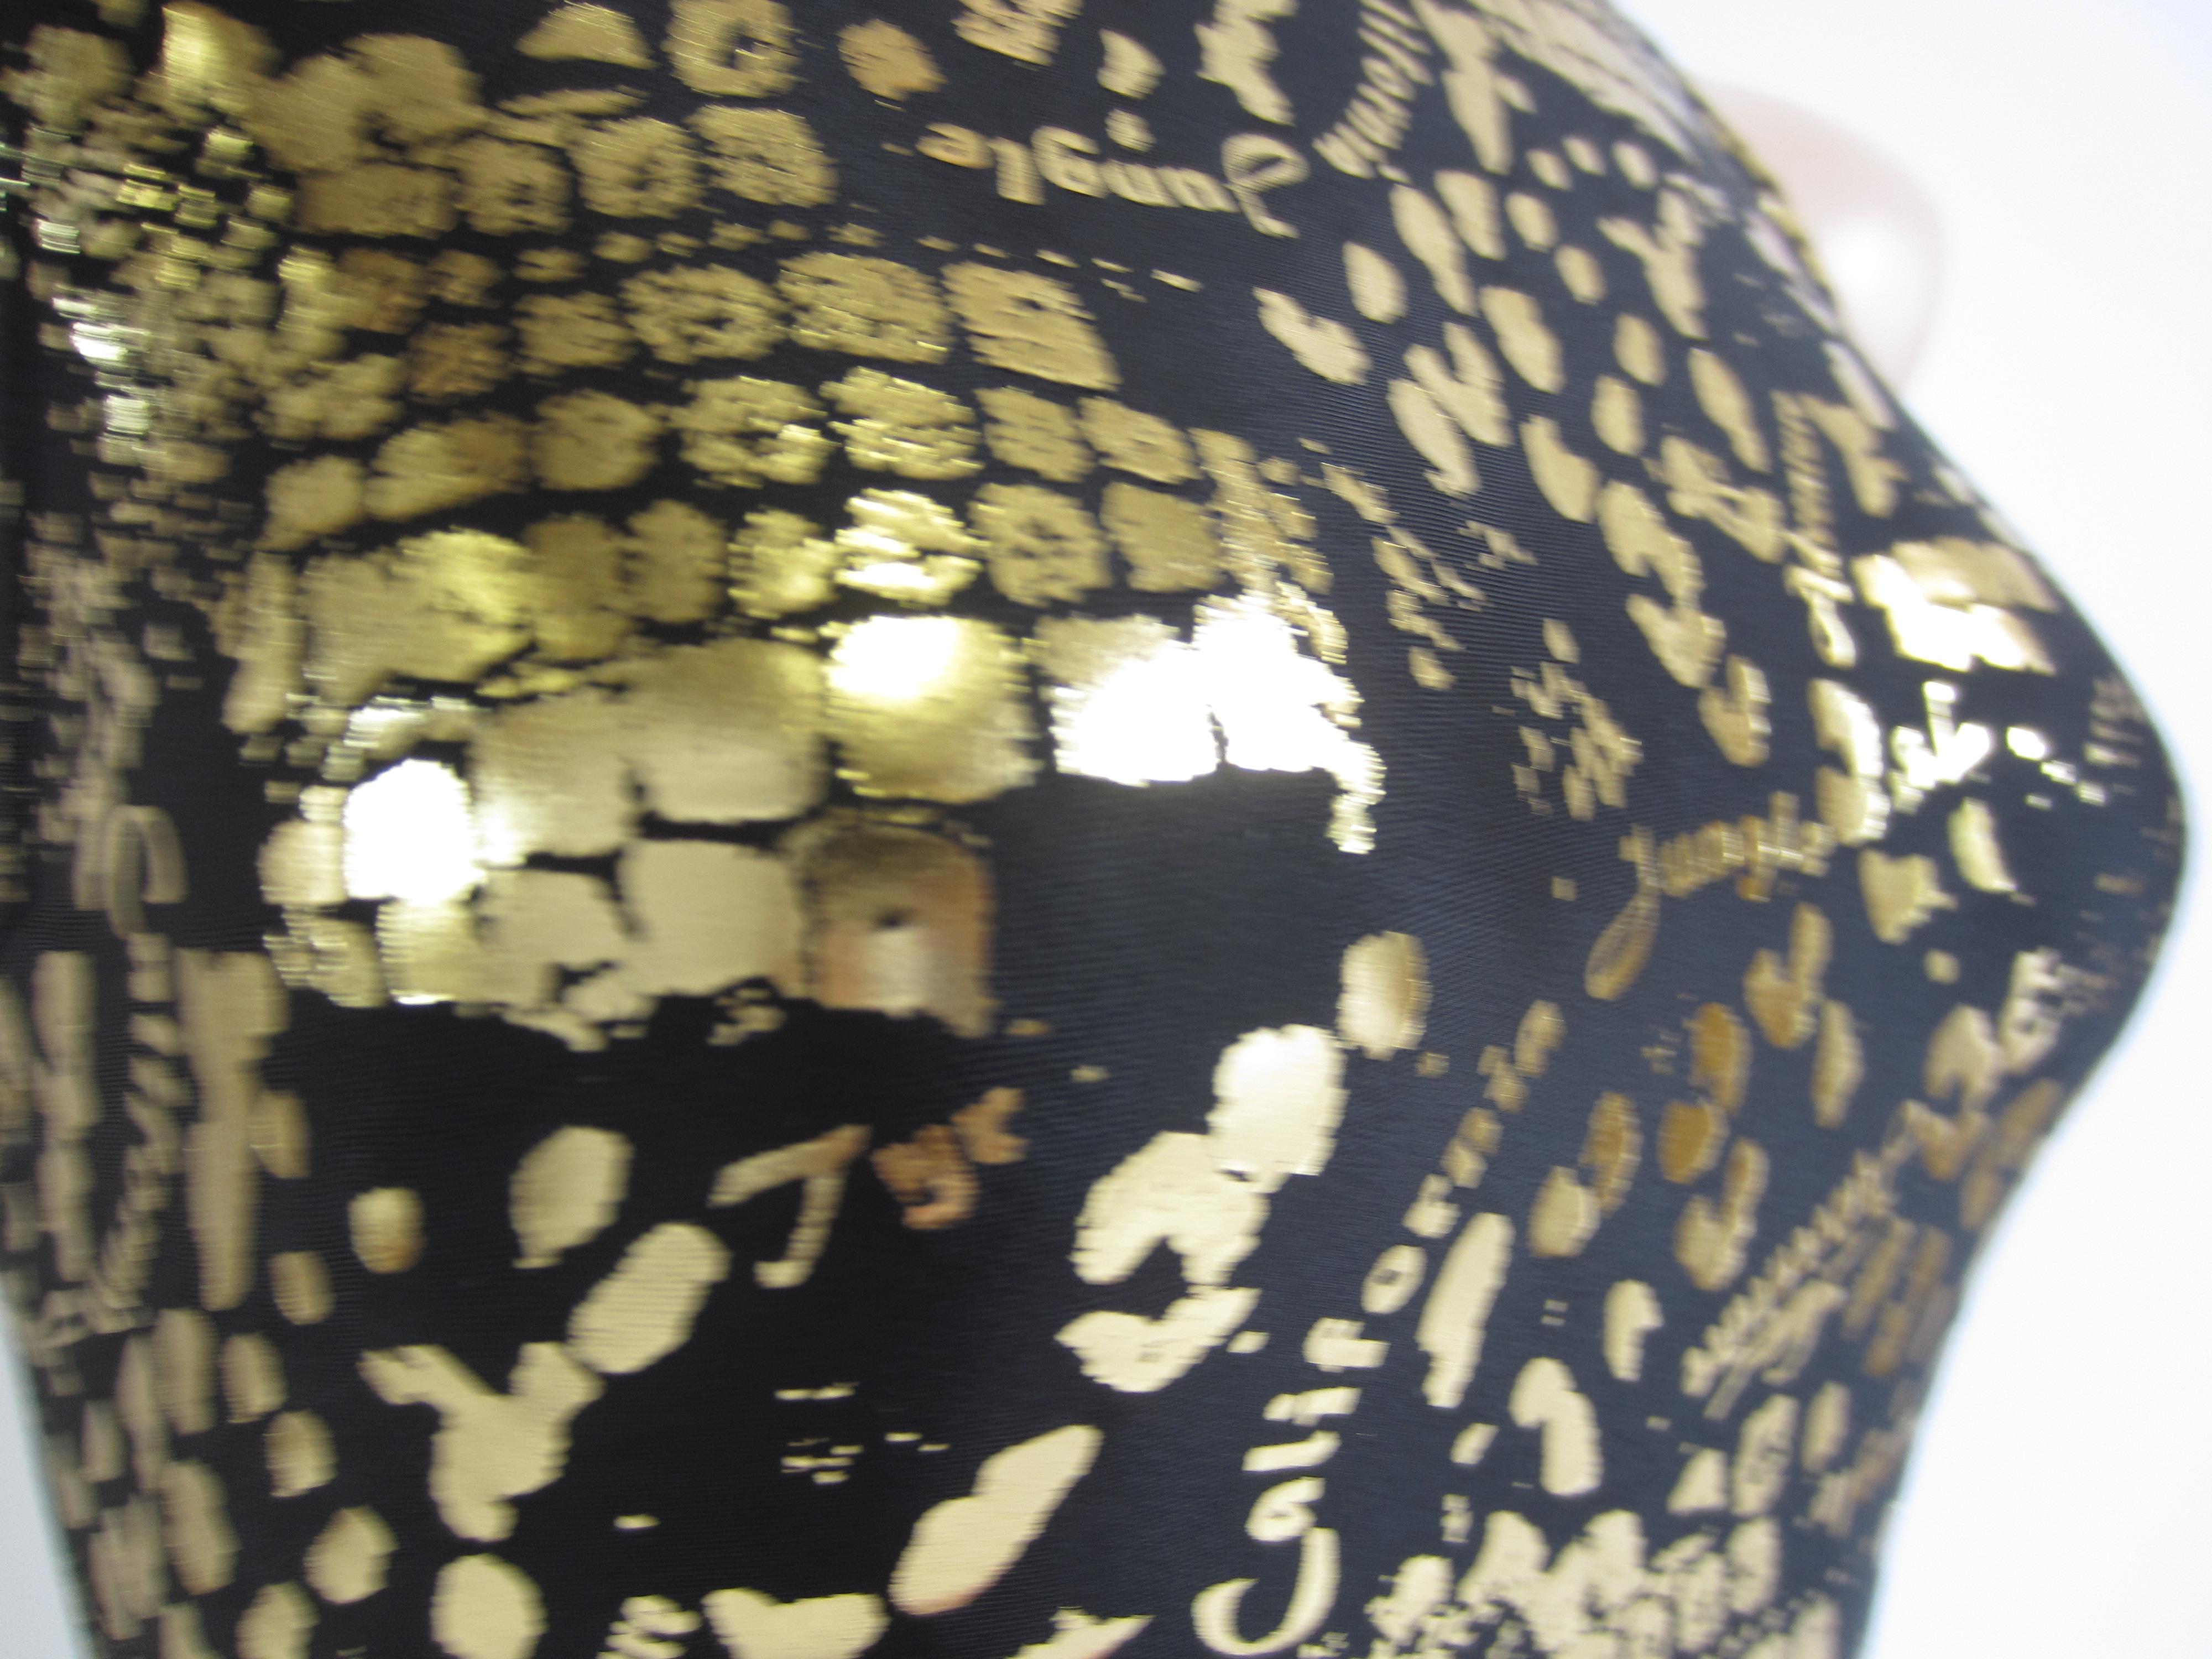 別注 TYR(ティア) ブラック × ゴールド クロコダイル柄 競泳水着 「スイムショプイノウエ限定 モデル」